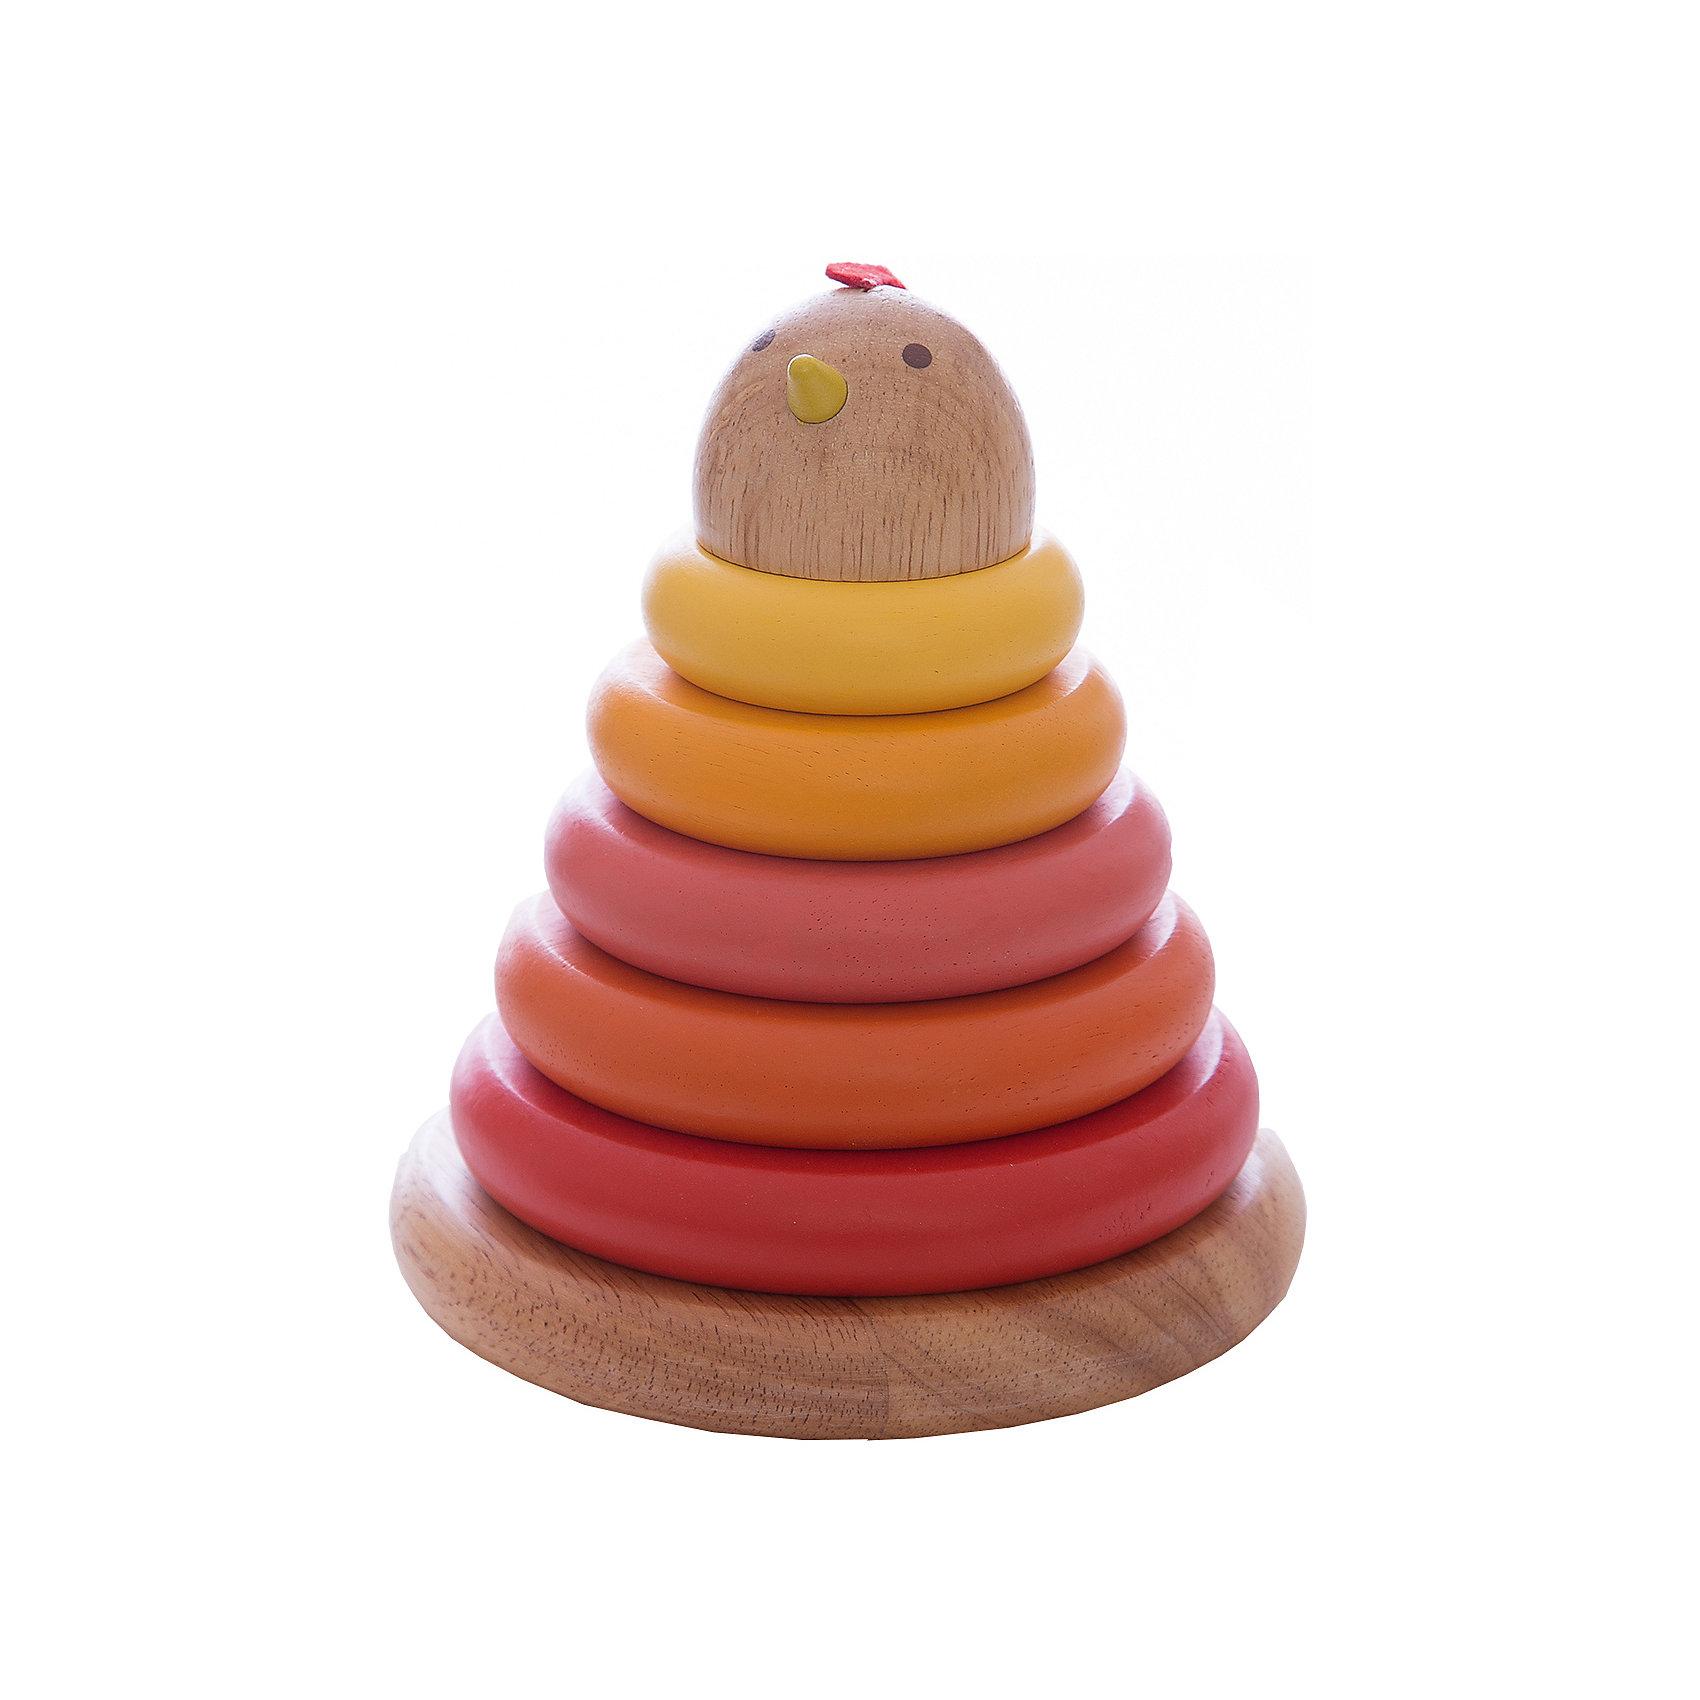 DJECO Пирамидка КурочкаКлассическая пирамидка с оригинальным дизайном привлечет внимание Вашего малыша. В пирамидке 5 ярких разноцветных колец, спектр цветов от ярко-красного до желтого, наконечник пирамидки в виде головы курочки. В пирамидке есть сюрприз - маленькое белое яичко, которое устанавливается внутри пирамидки на основание стержня.<br><br><br>Дополнительная информация:<br><br>- Материал: дерево<br>- Размер игрушки: 13 х 13 х 15 см.<br>- Размер упаковки: 15,5 х 13 х 13 см.<br>- Вес: 250 г.<br><br>Игра с пирамидкой развивает у ребенка мелкую моторику, логическое мышление и цветовосприятие.<br><br>Пирамидку DJECO (Джеко) можно купить в нашем магазине.<br><br>Ширина мм: 130<br>Глубина мм: 130<br>Высота мм: 150<br>Вес г: 250<br>Возраст от месяцев: 12<br>Возраст до месяцев: 24<br>Пол: Унисекс<br>Возраст: Детский<br>SKU: 2175113